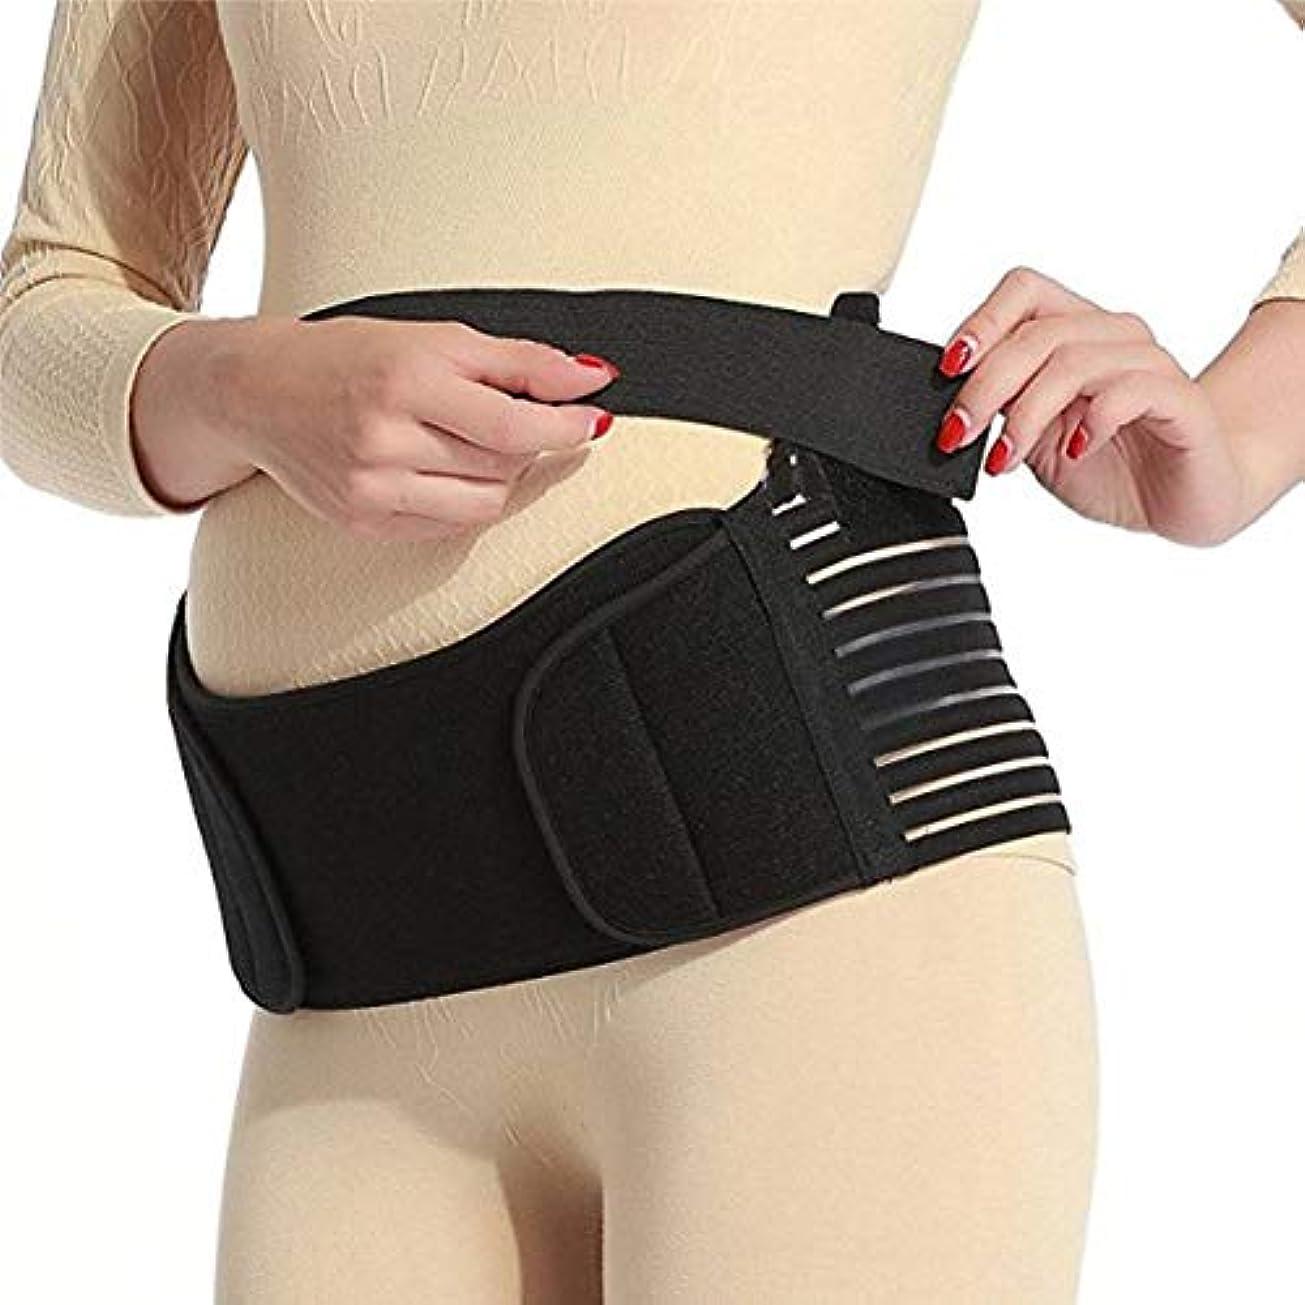 勇気刈るリスキーな通気性マタニティベルト妊娠中の腹部サポート腹部バインダーガードル運動包帯産後の回復shapewear - ブラックM